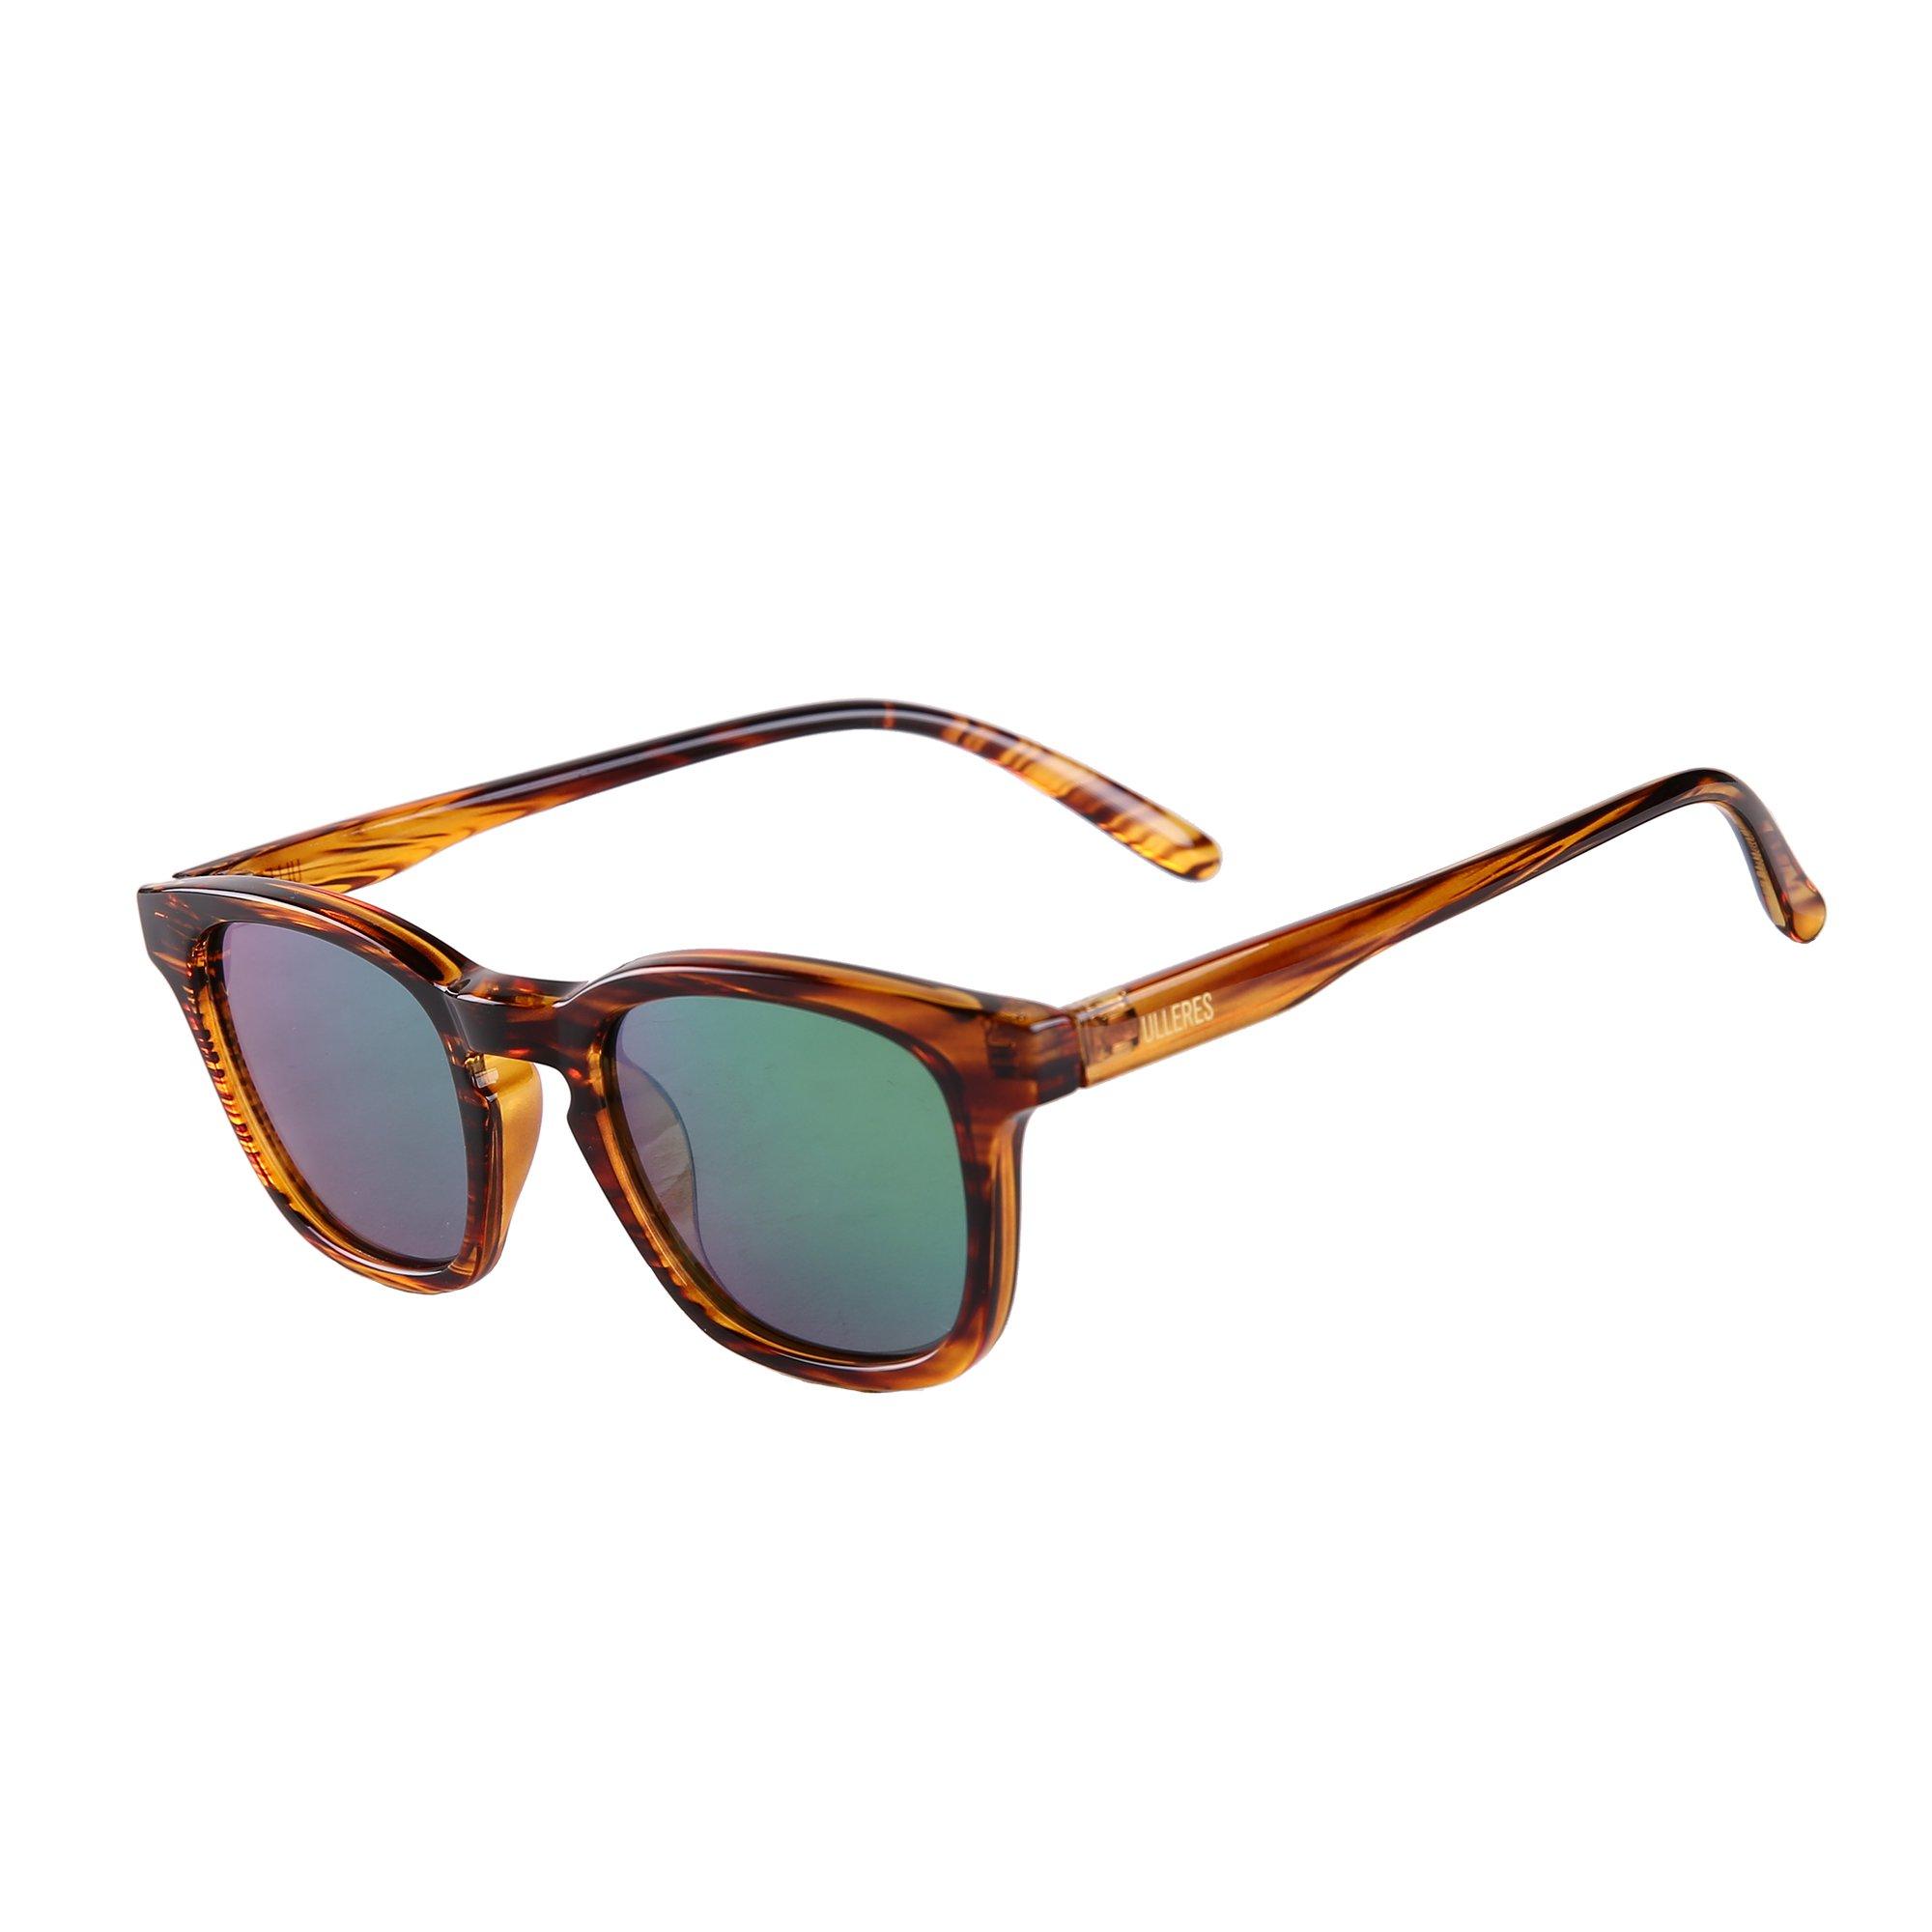 ULLERES Kids Sunglasses Wayfarer Retro 80s Polarized Sunglasses for Kids Boys and Girls(Strip DEMI, 44)